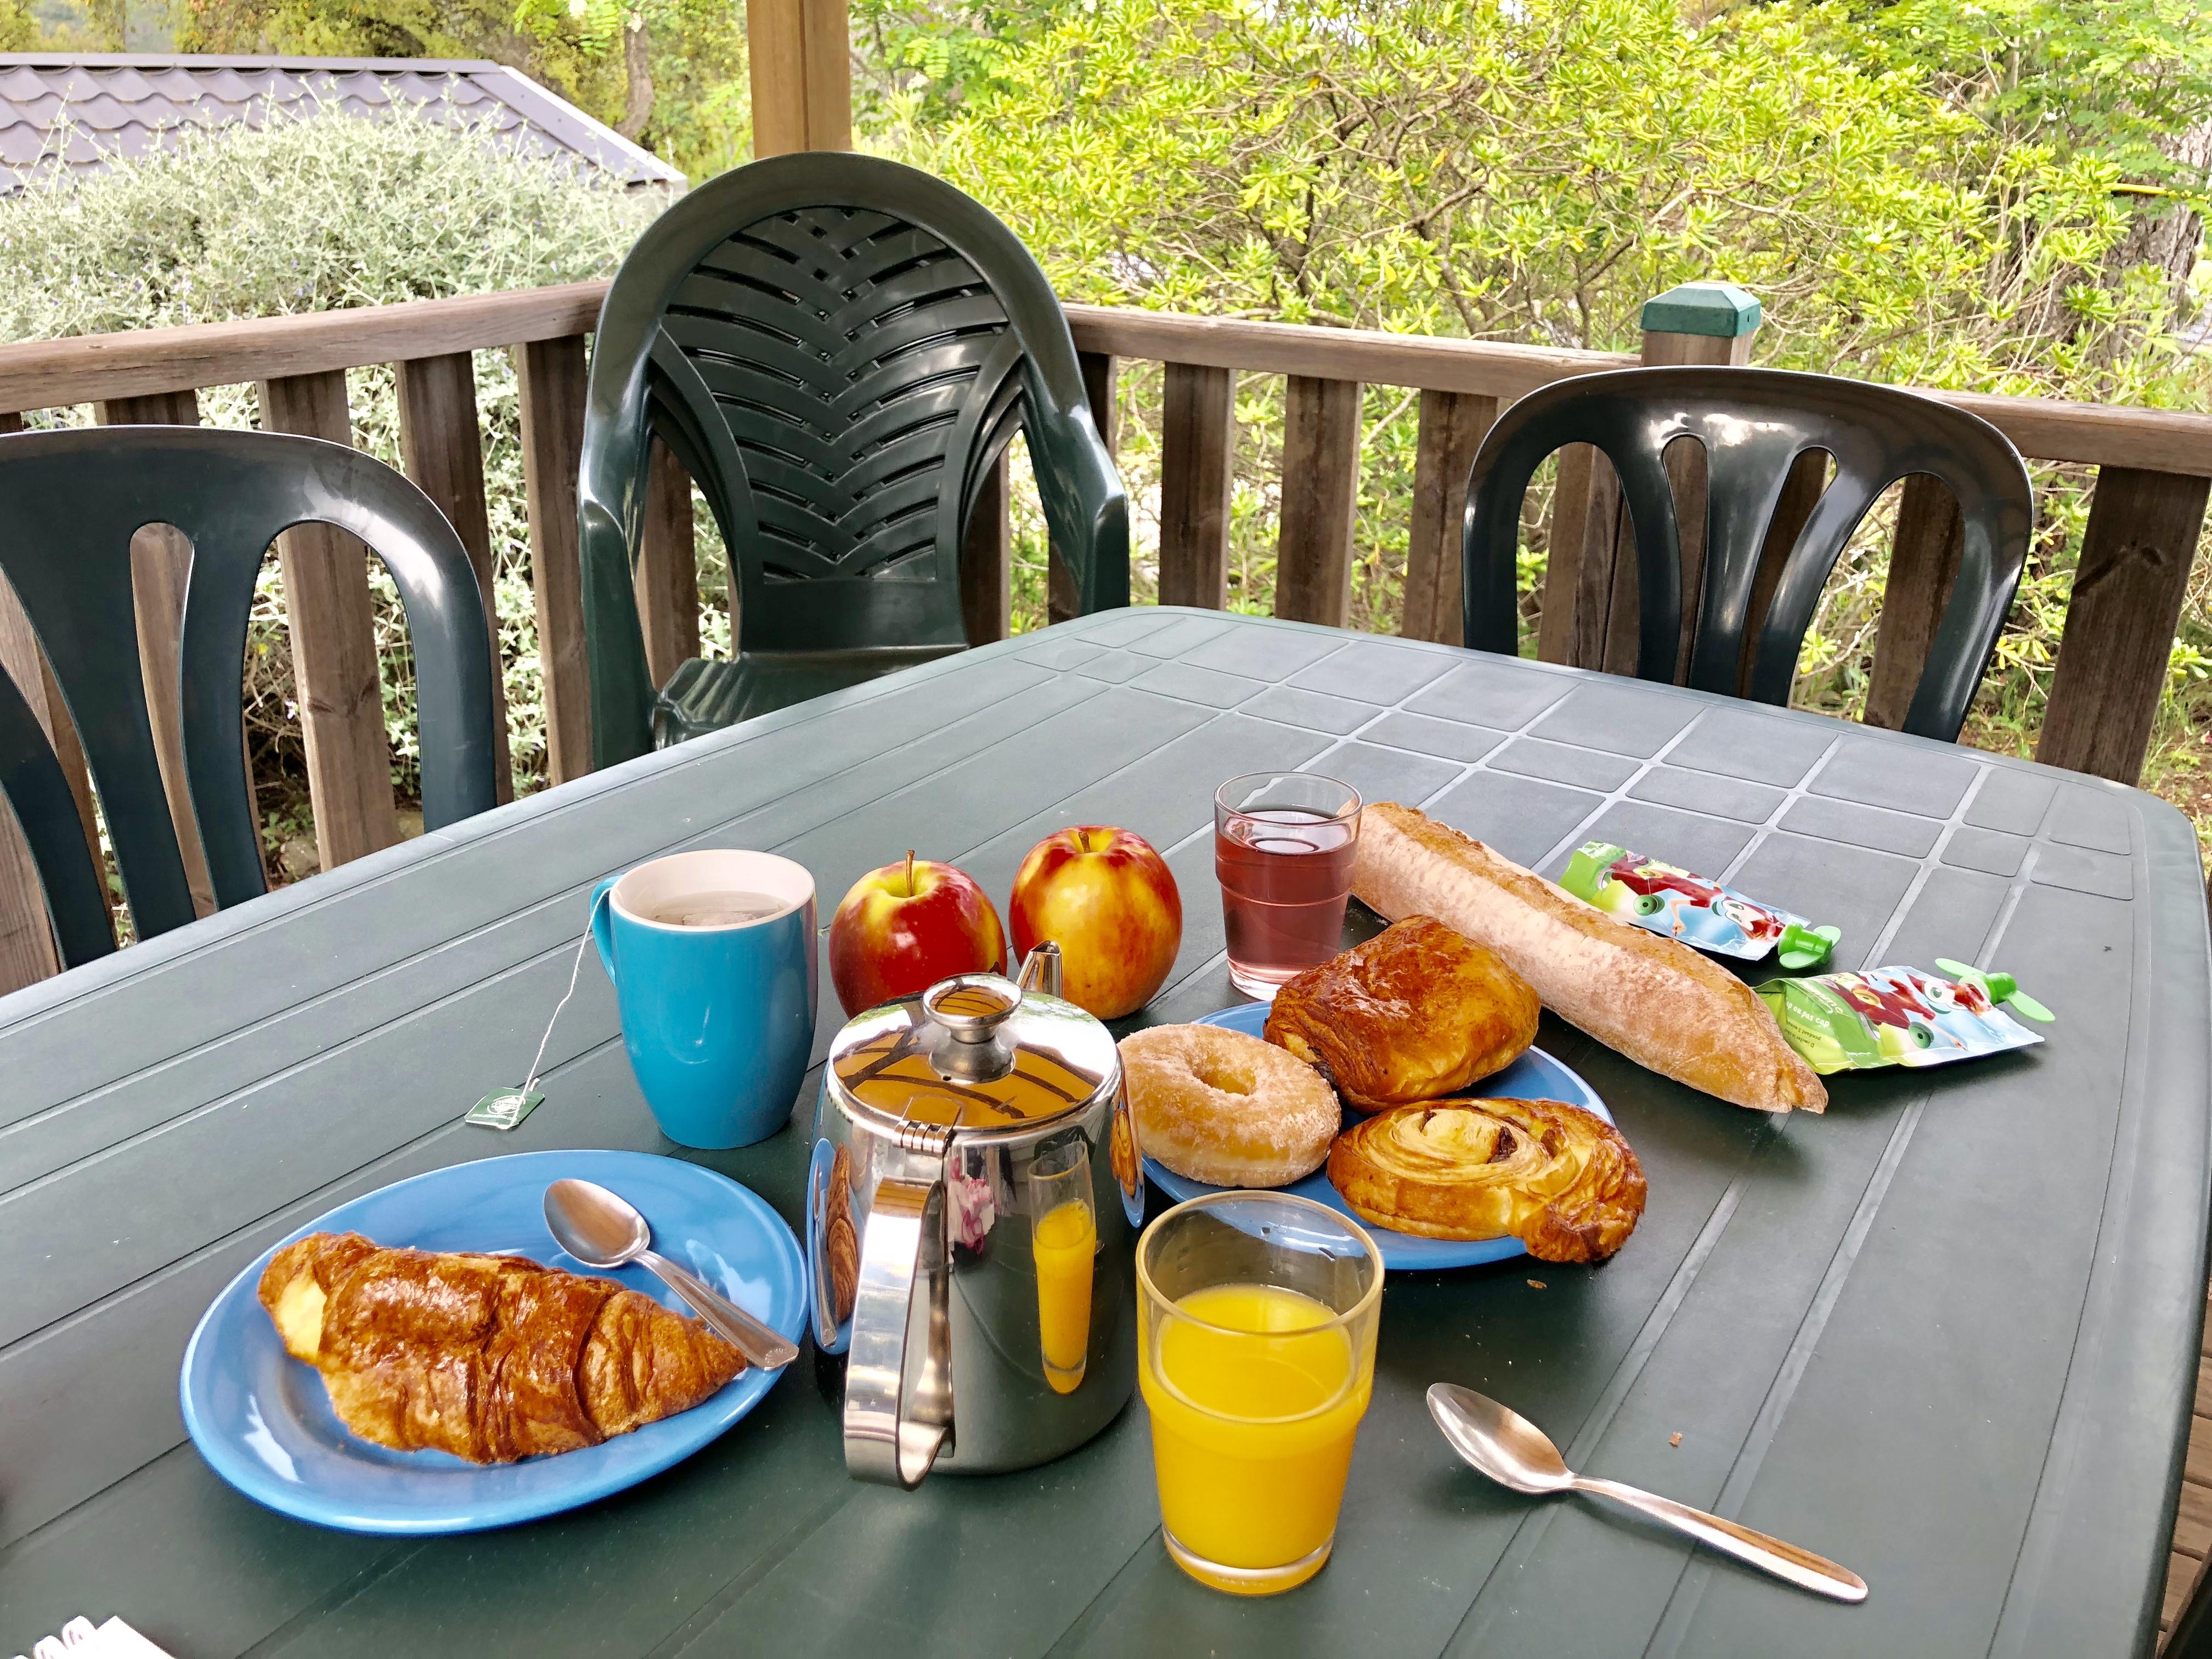 Petit-dejeuner-mobilhome